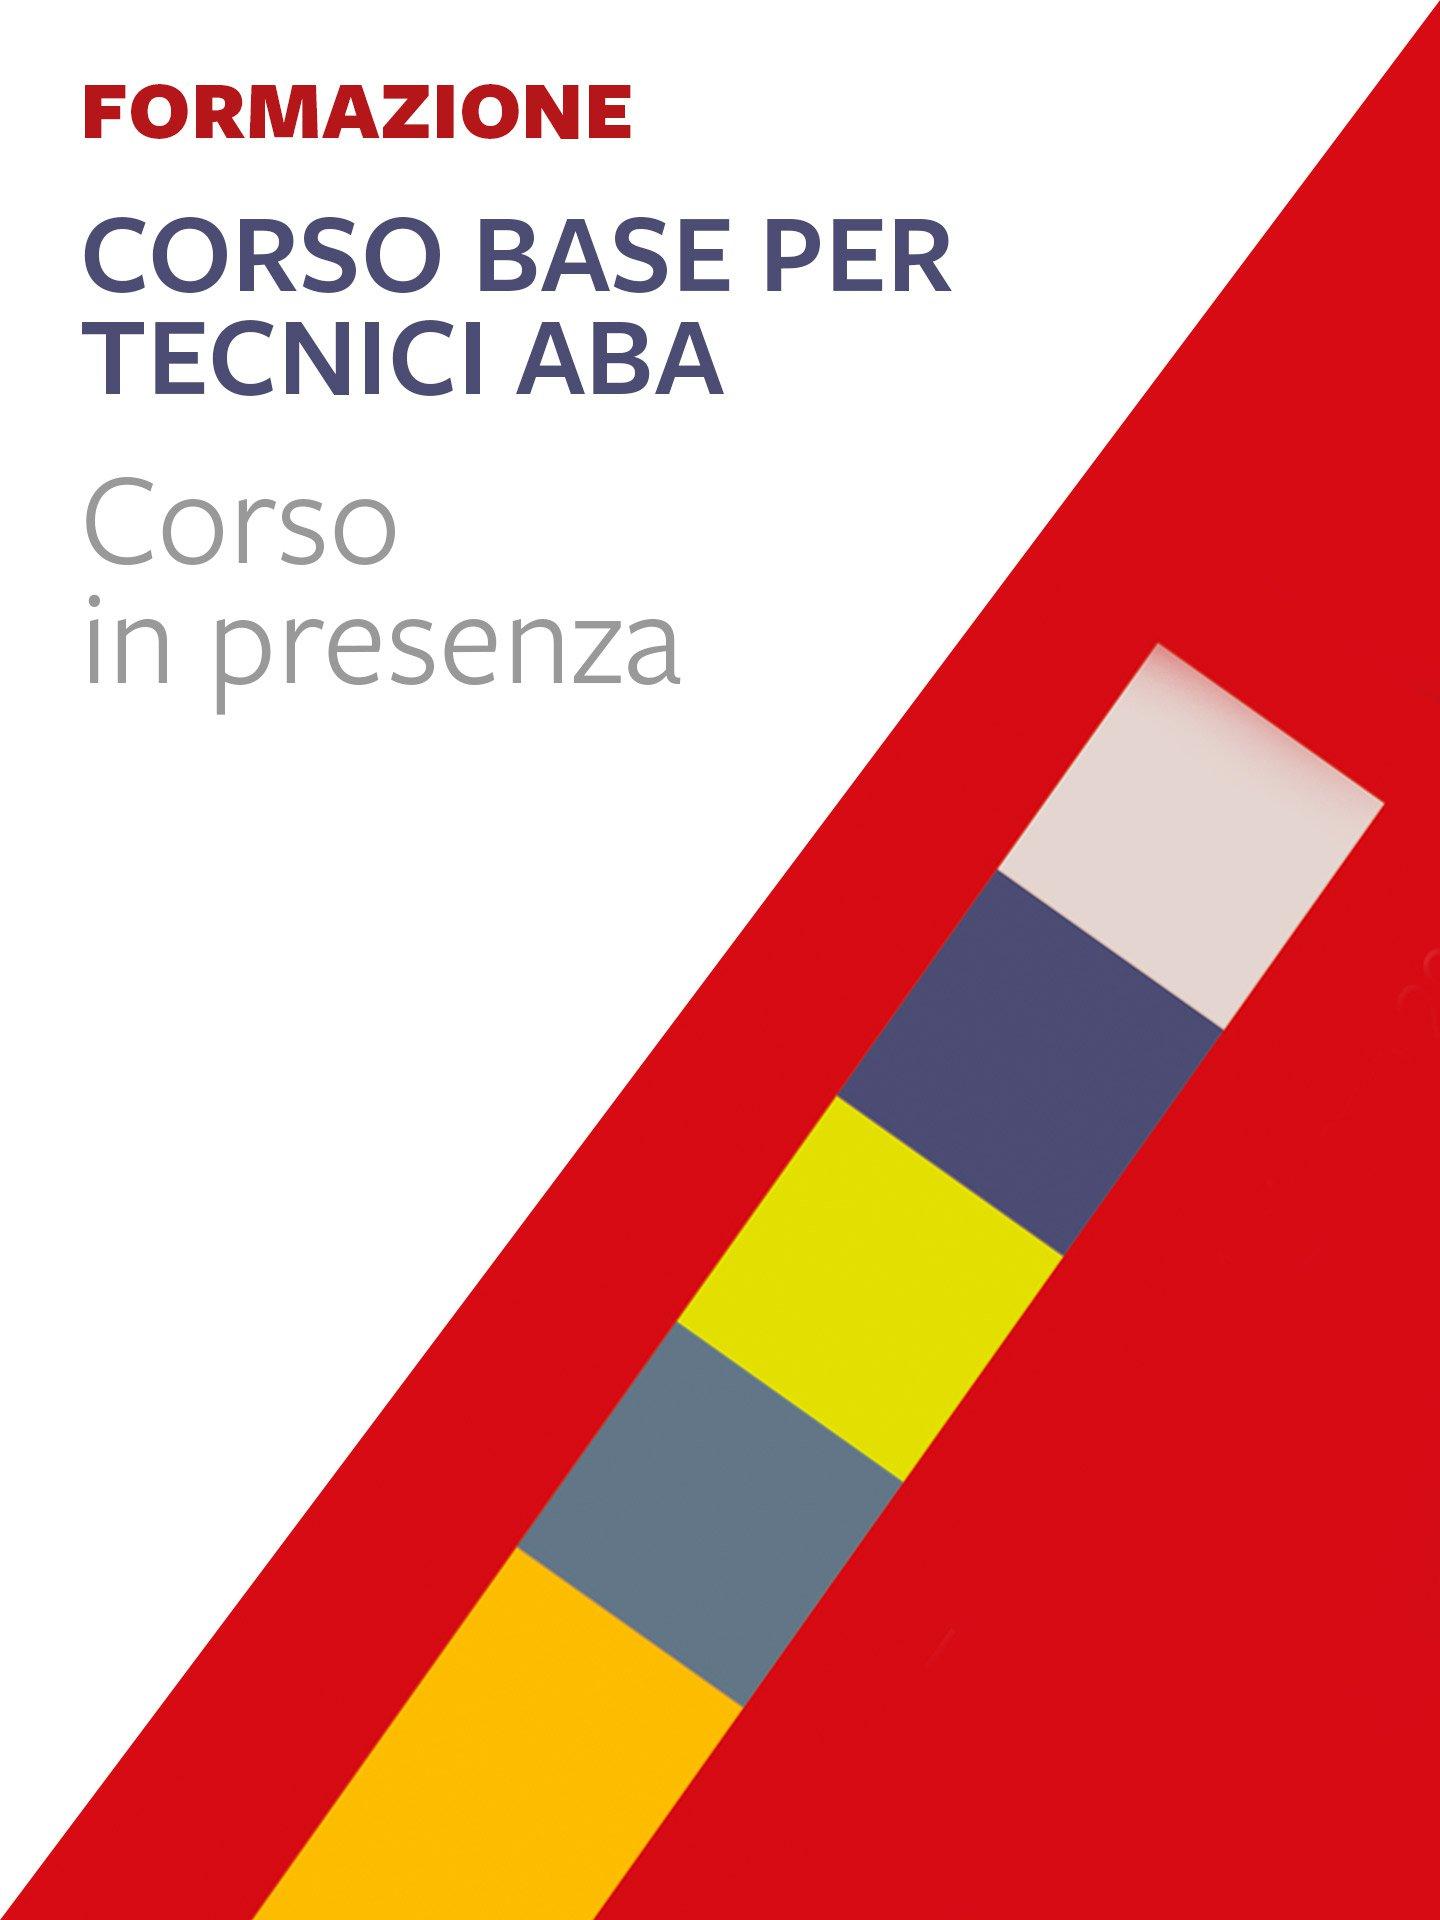 Corso per tecnico ABA-VB – Modulo 1 (Base) - Corsi professionalizzanti - Erickson